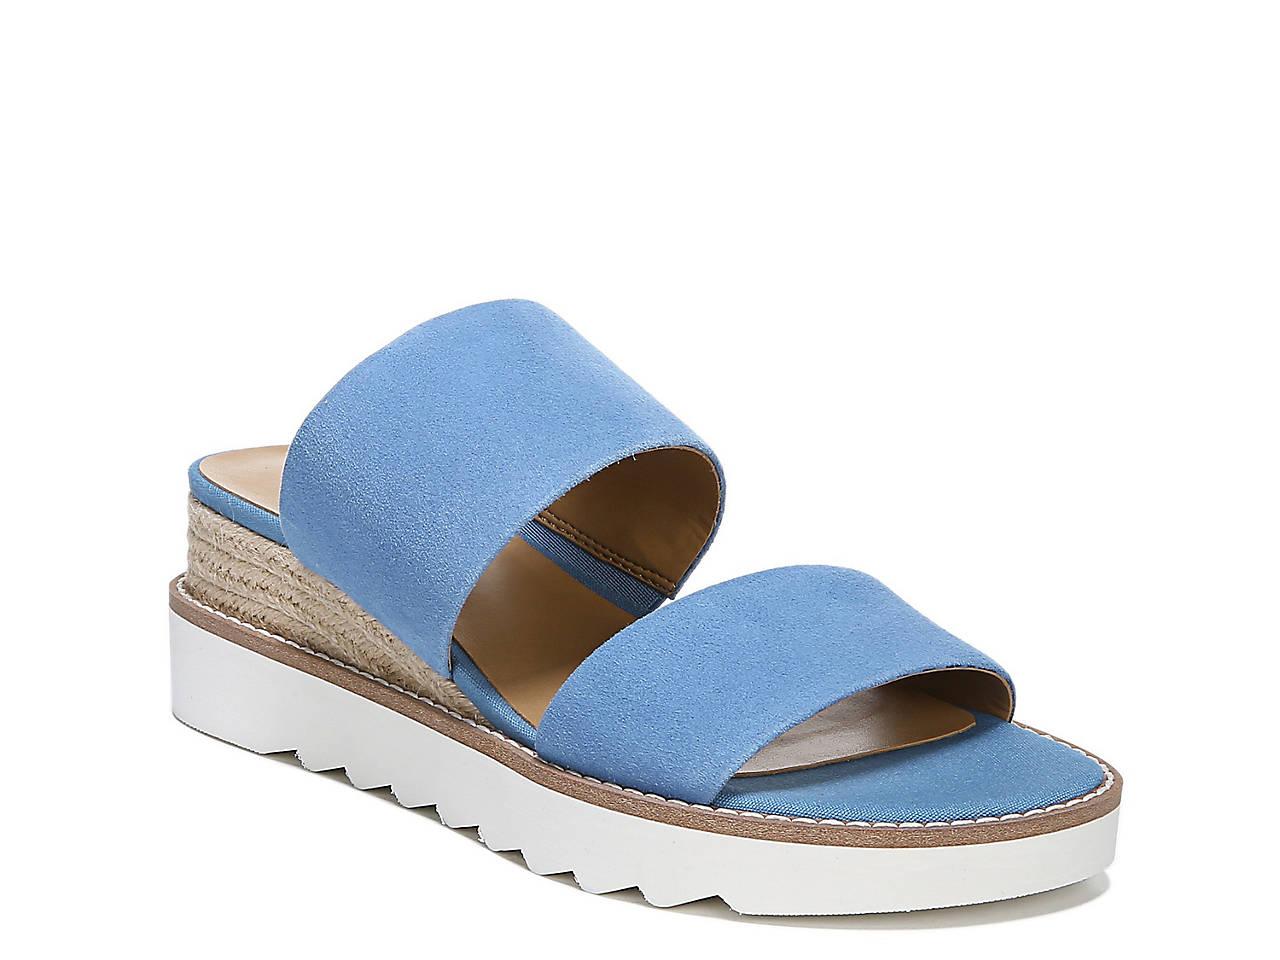 bdbe1a9b72e3 Franco Sarto Conan Wedge Sandal Women's Shoes | DSW